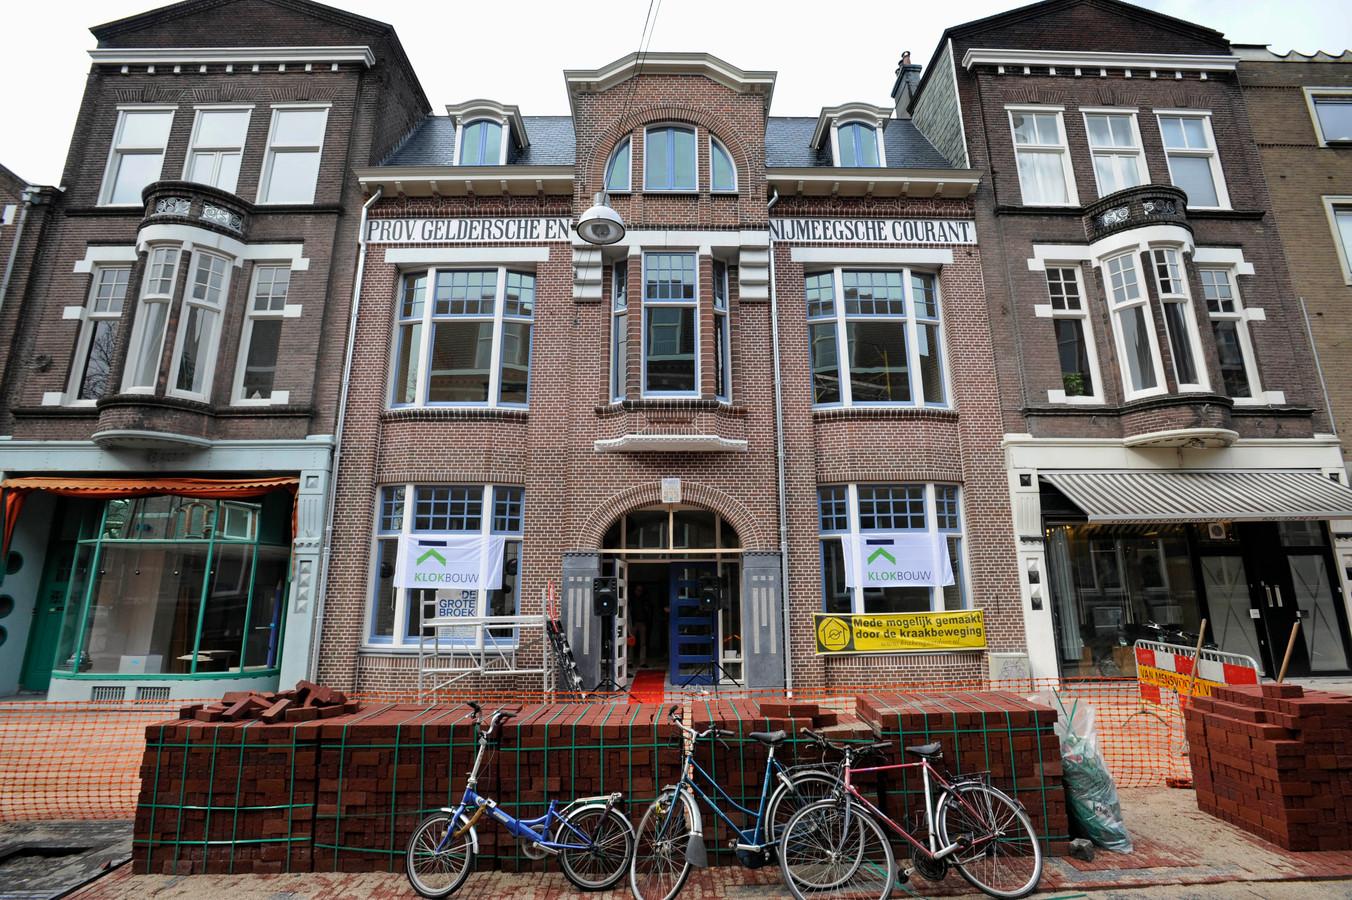 De Grote Broek aan de Van Broekhuysenstraat in Nijmegen. In de kelder is club De Onderbroek gevestigd. Archieffoto